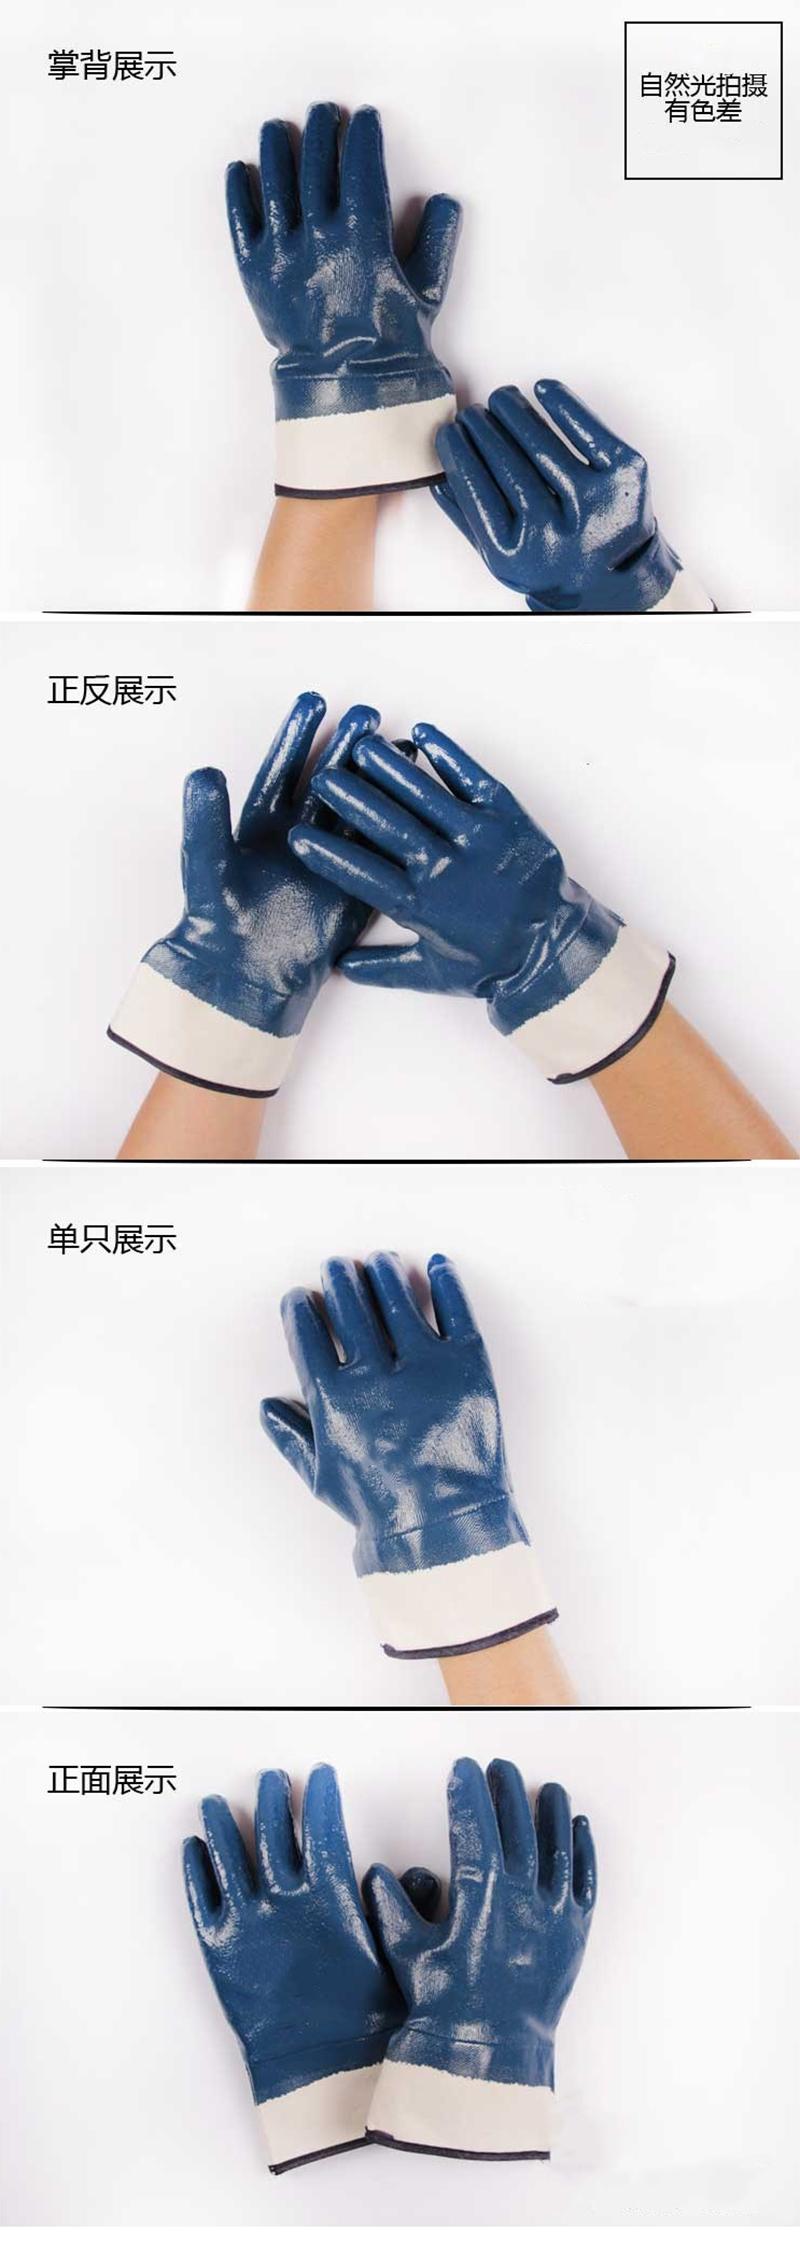 蓝色挂胶手套(厚)